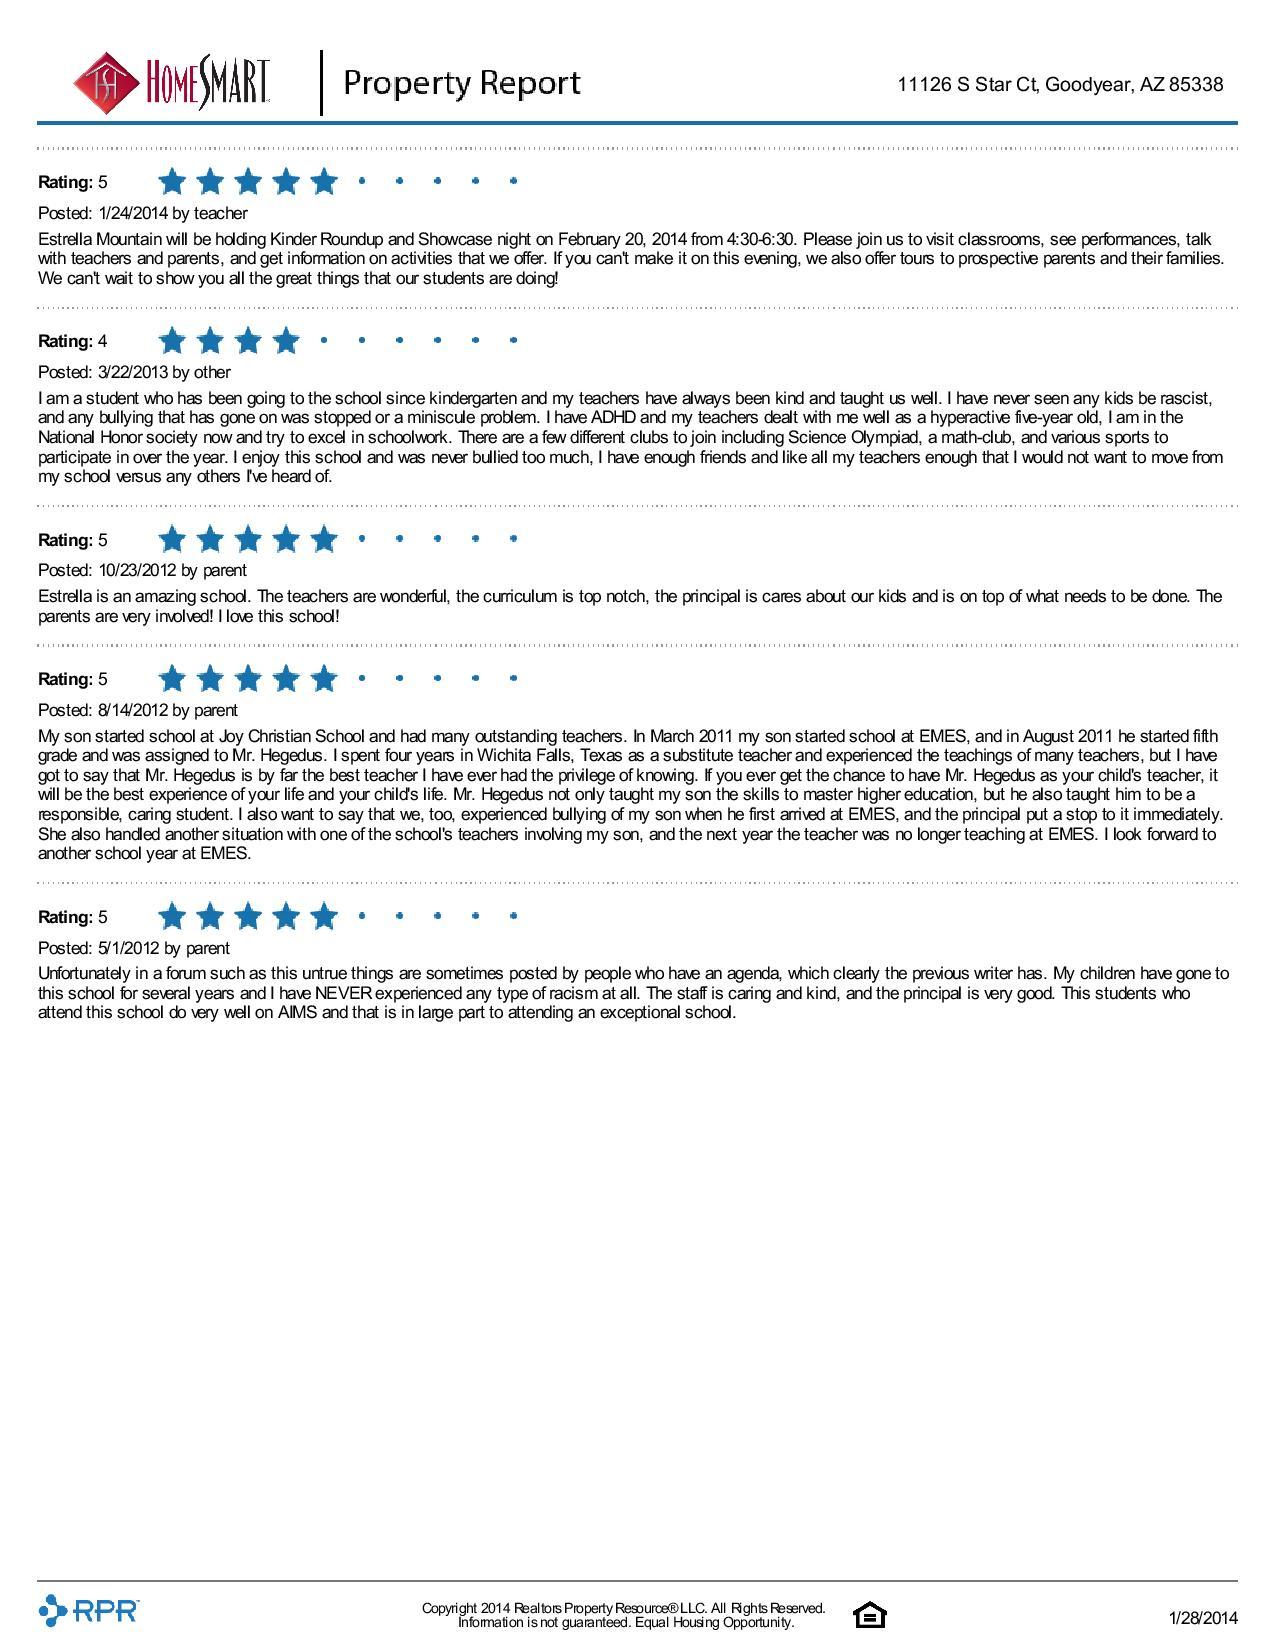 11126-S-Star-Ct-Goodyear-AZ-85338.pdf-page-012